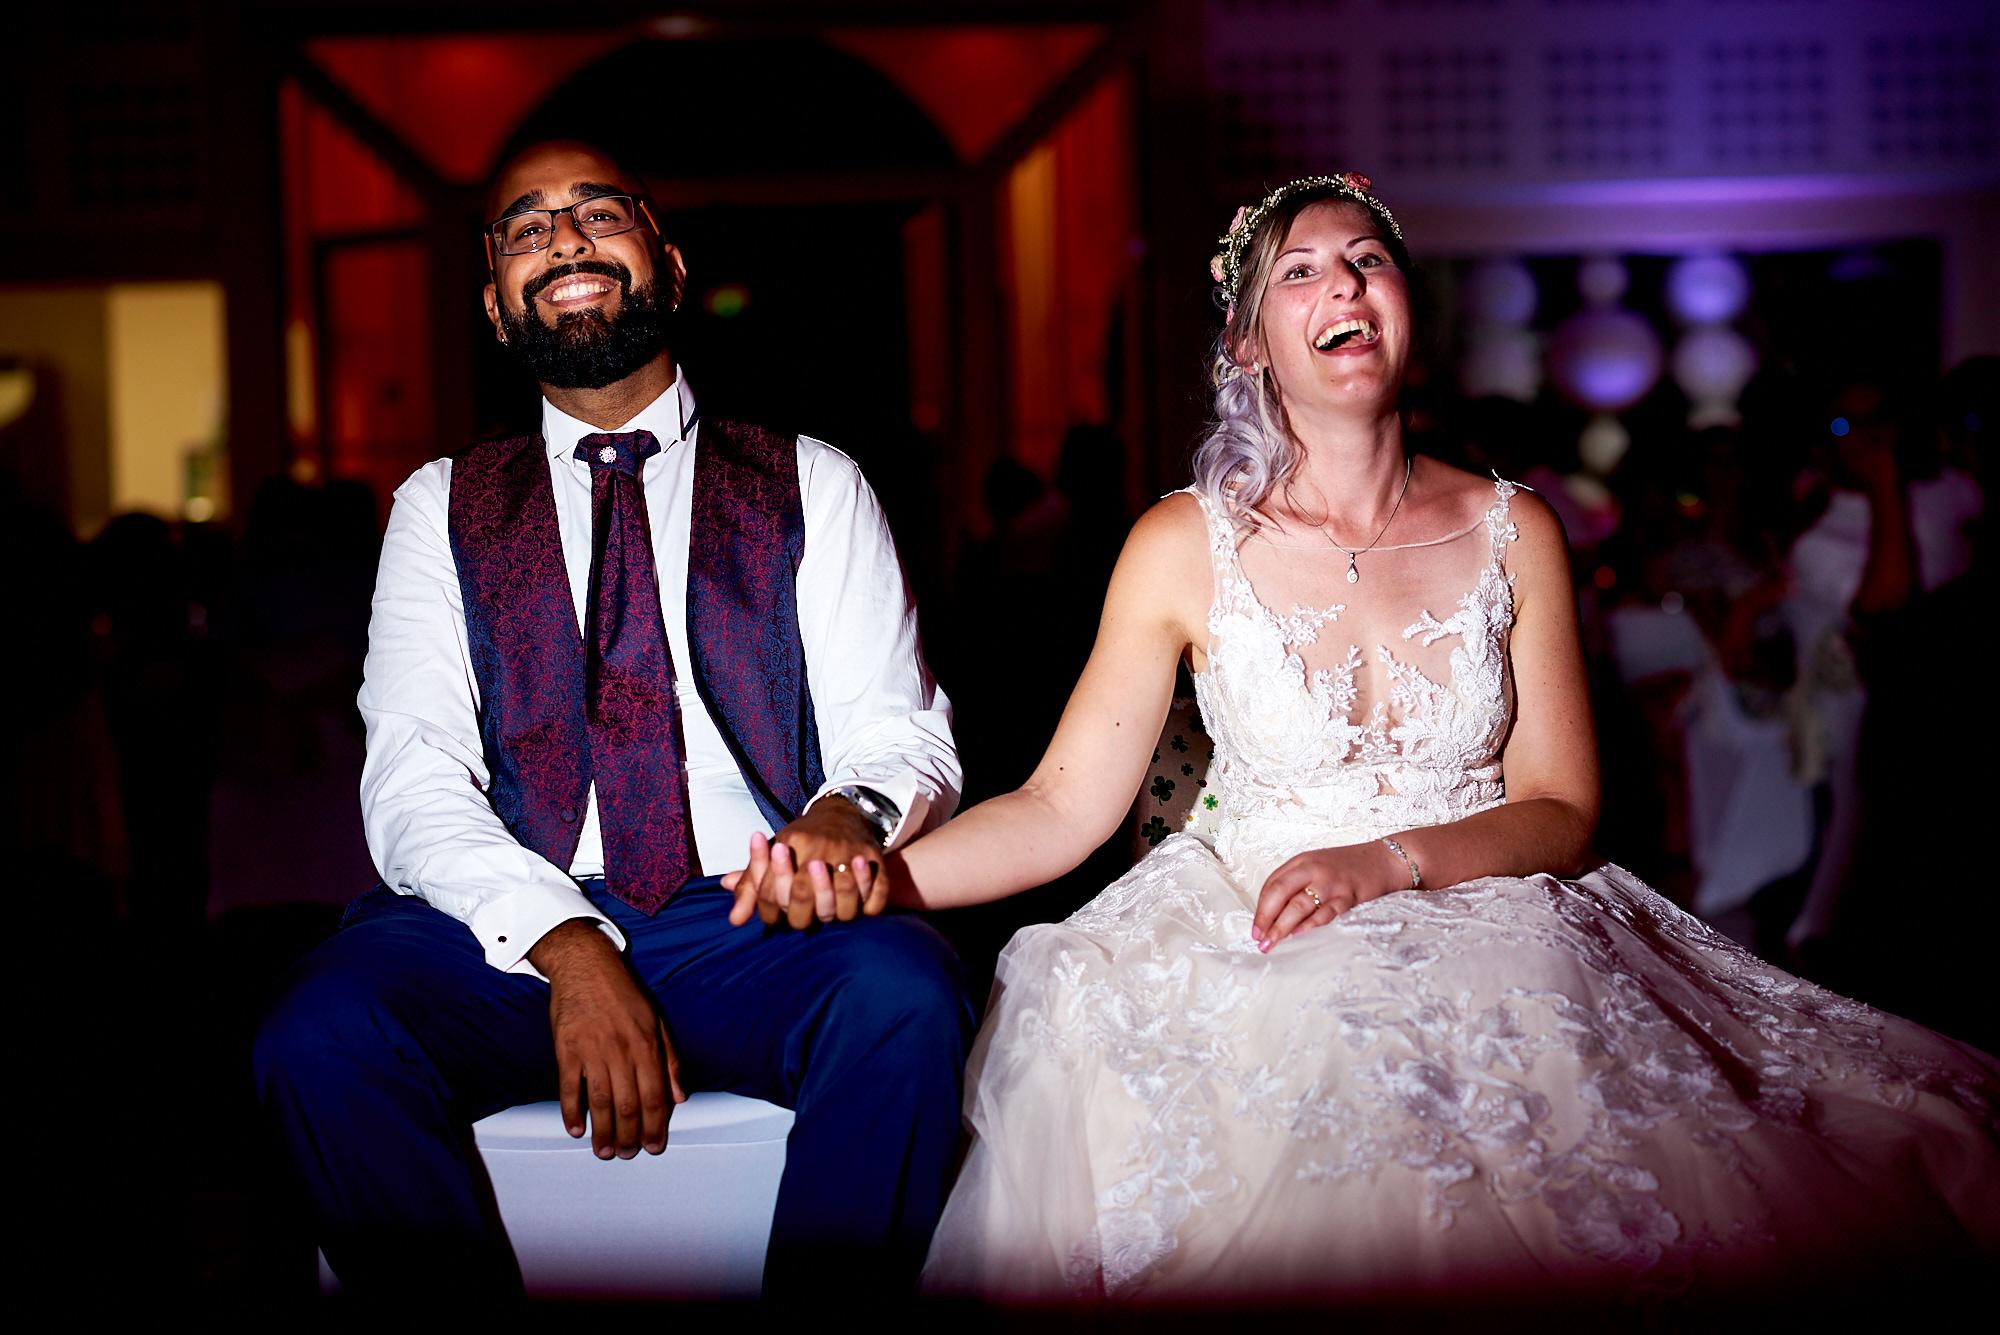 Photographe de mariage à Auxerre en Bourgogne-Franche-Comté | La soirée du mariage